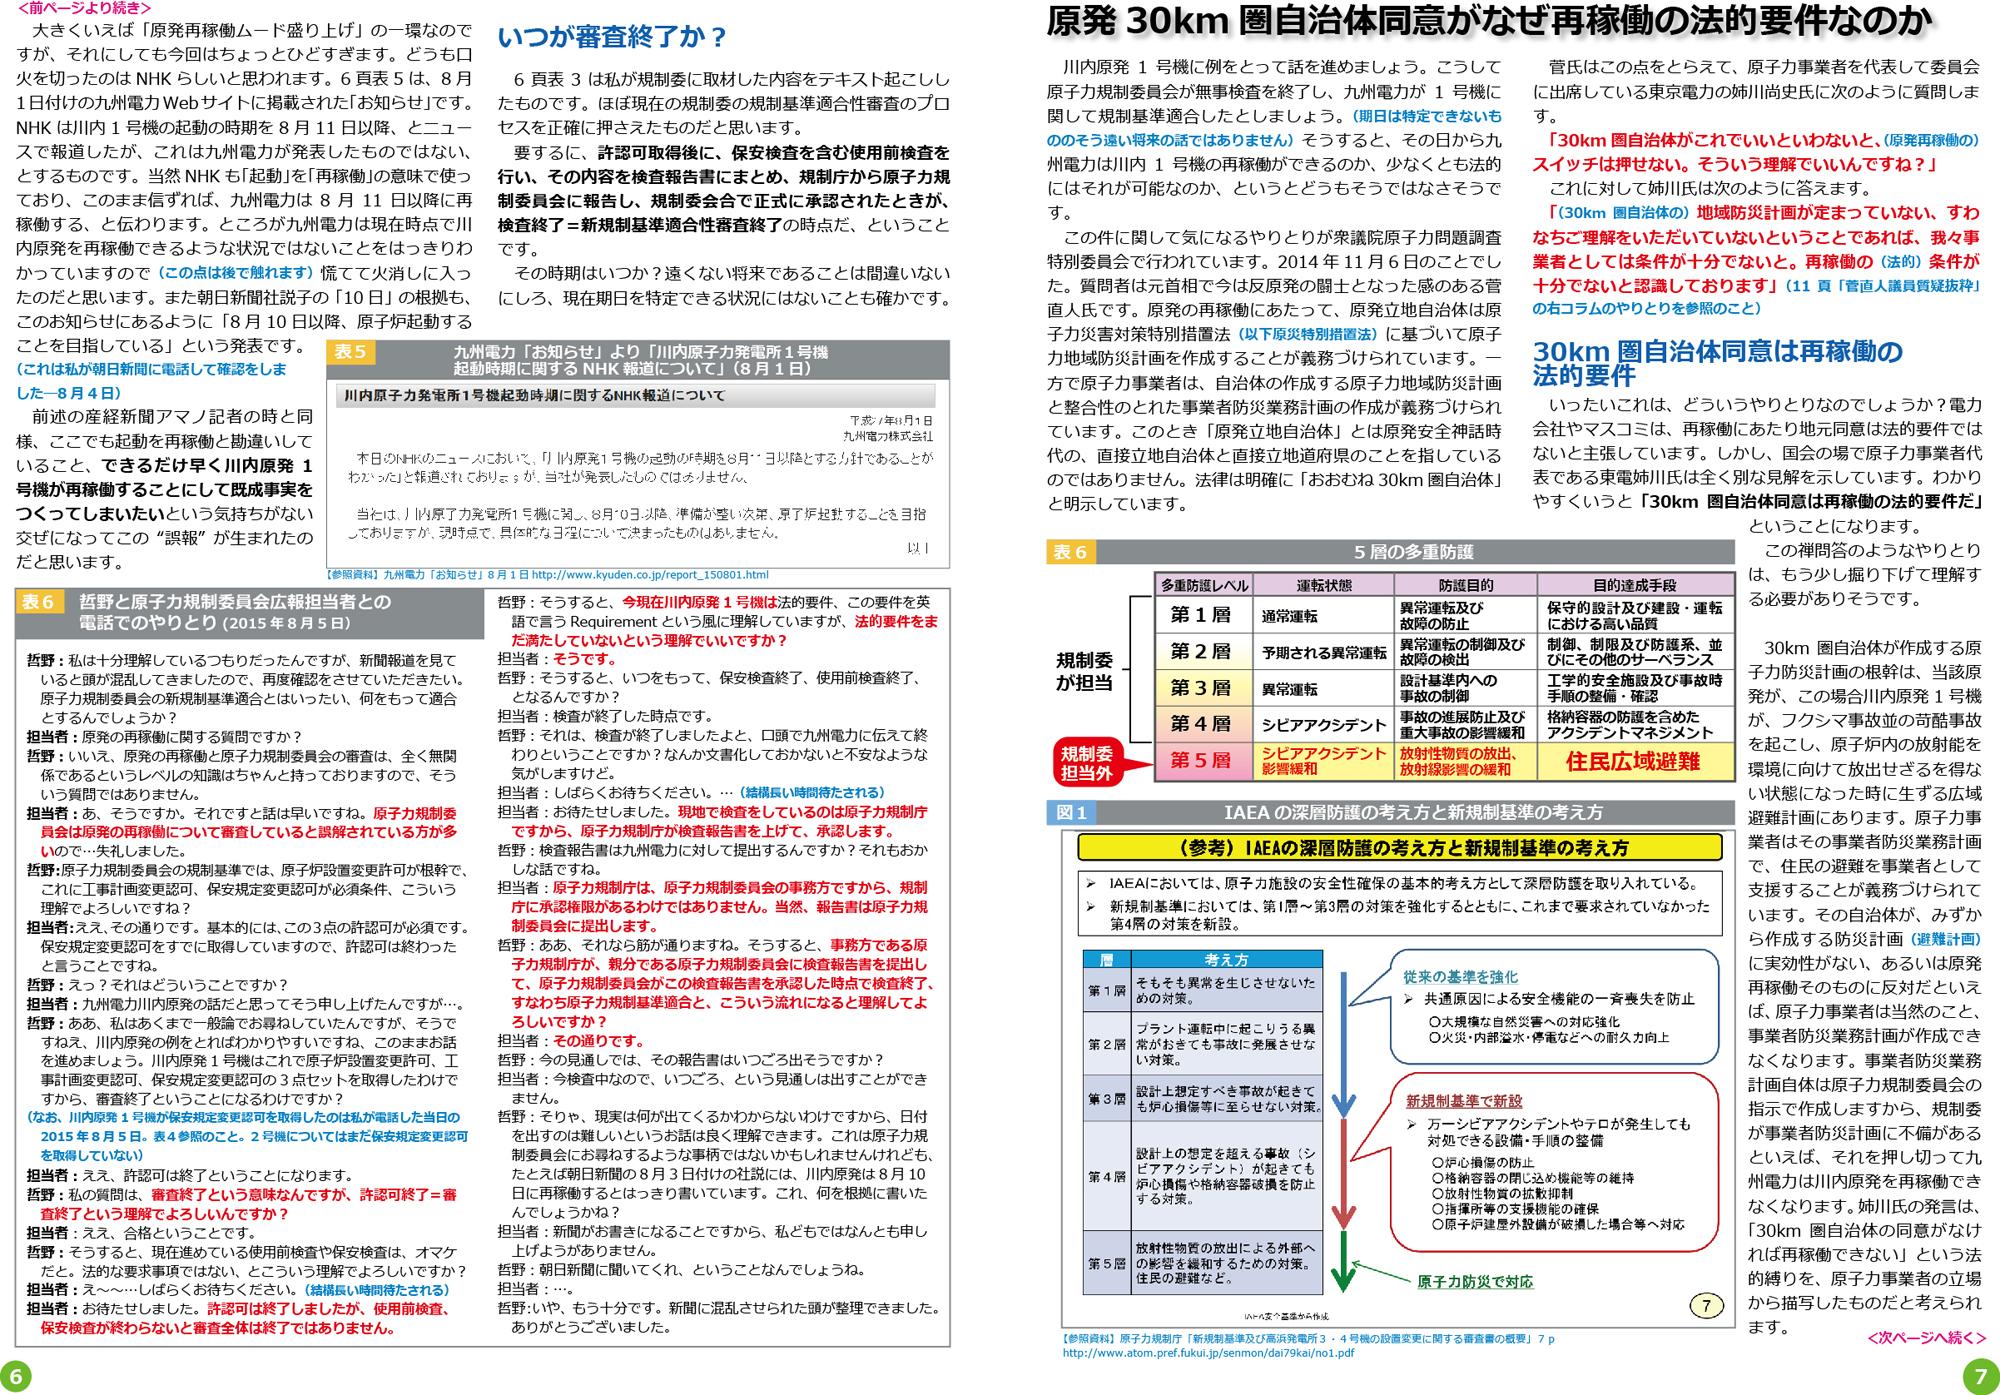 ファイル 69-4.jpg